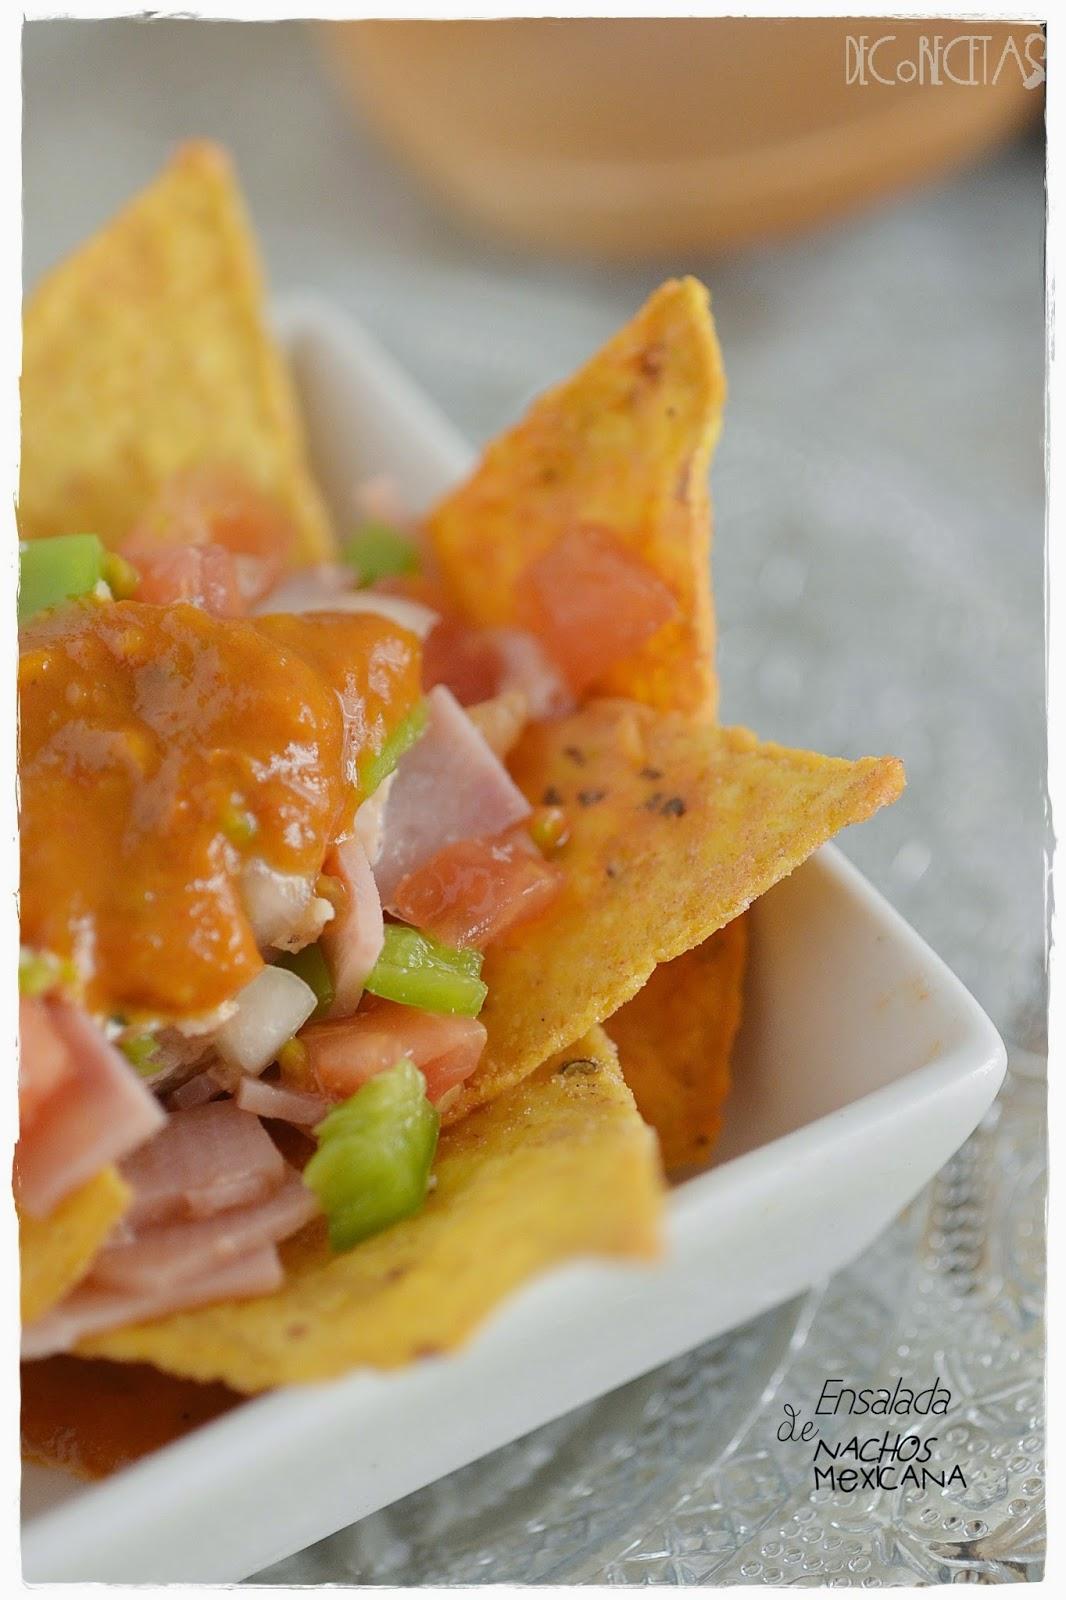 ensalada de nachos mexicana